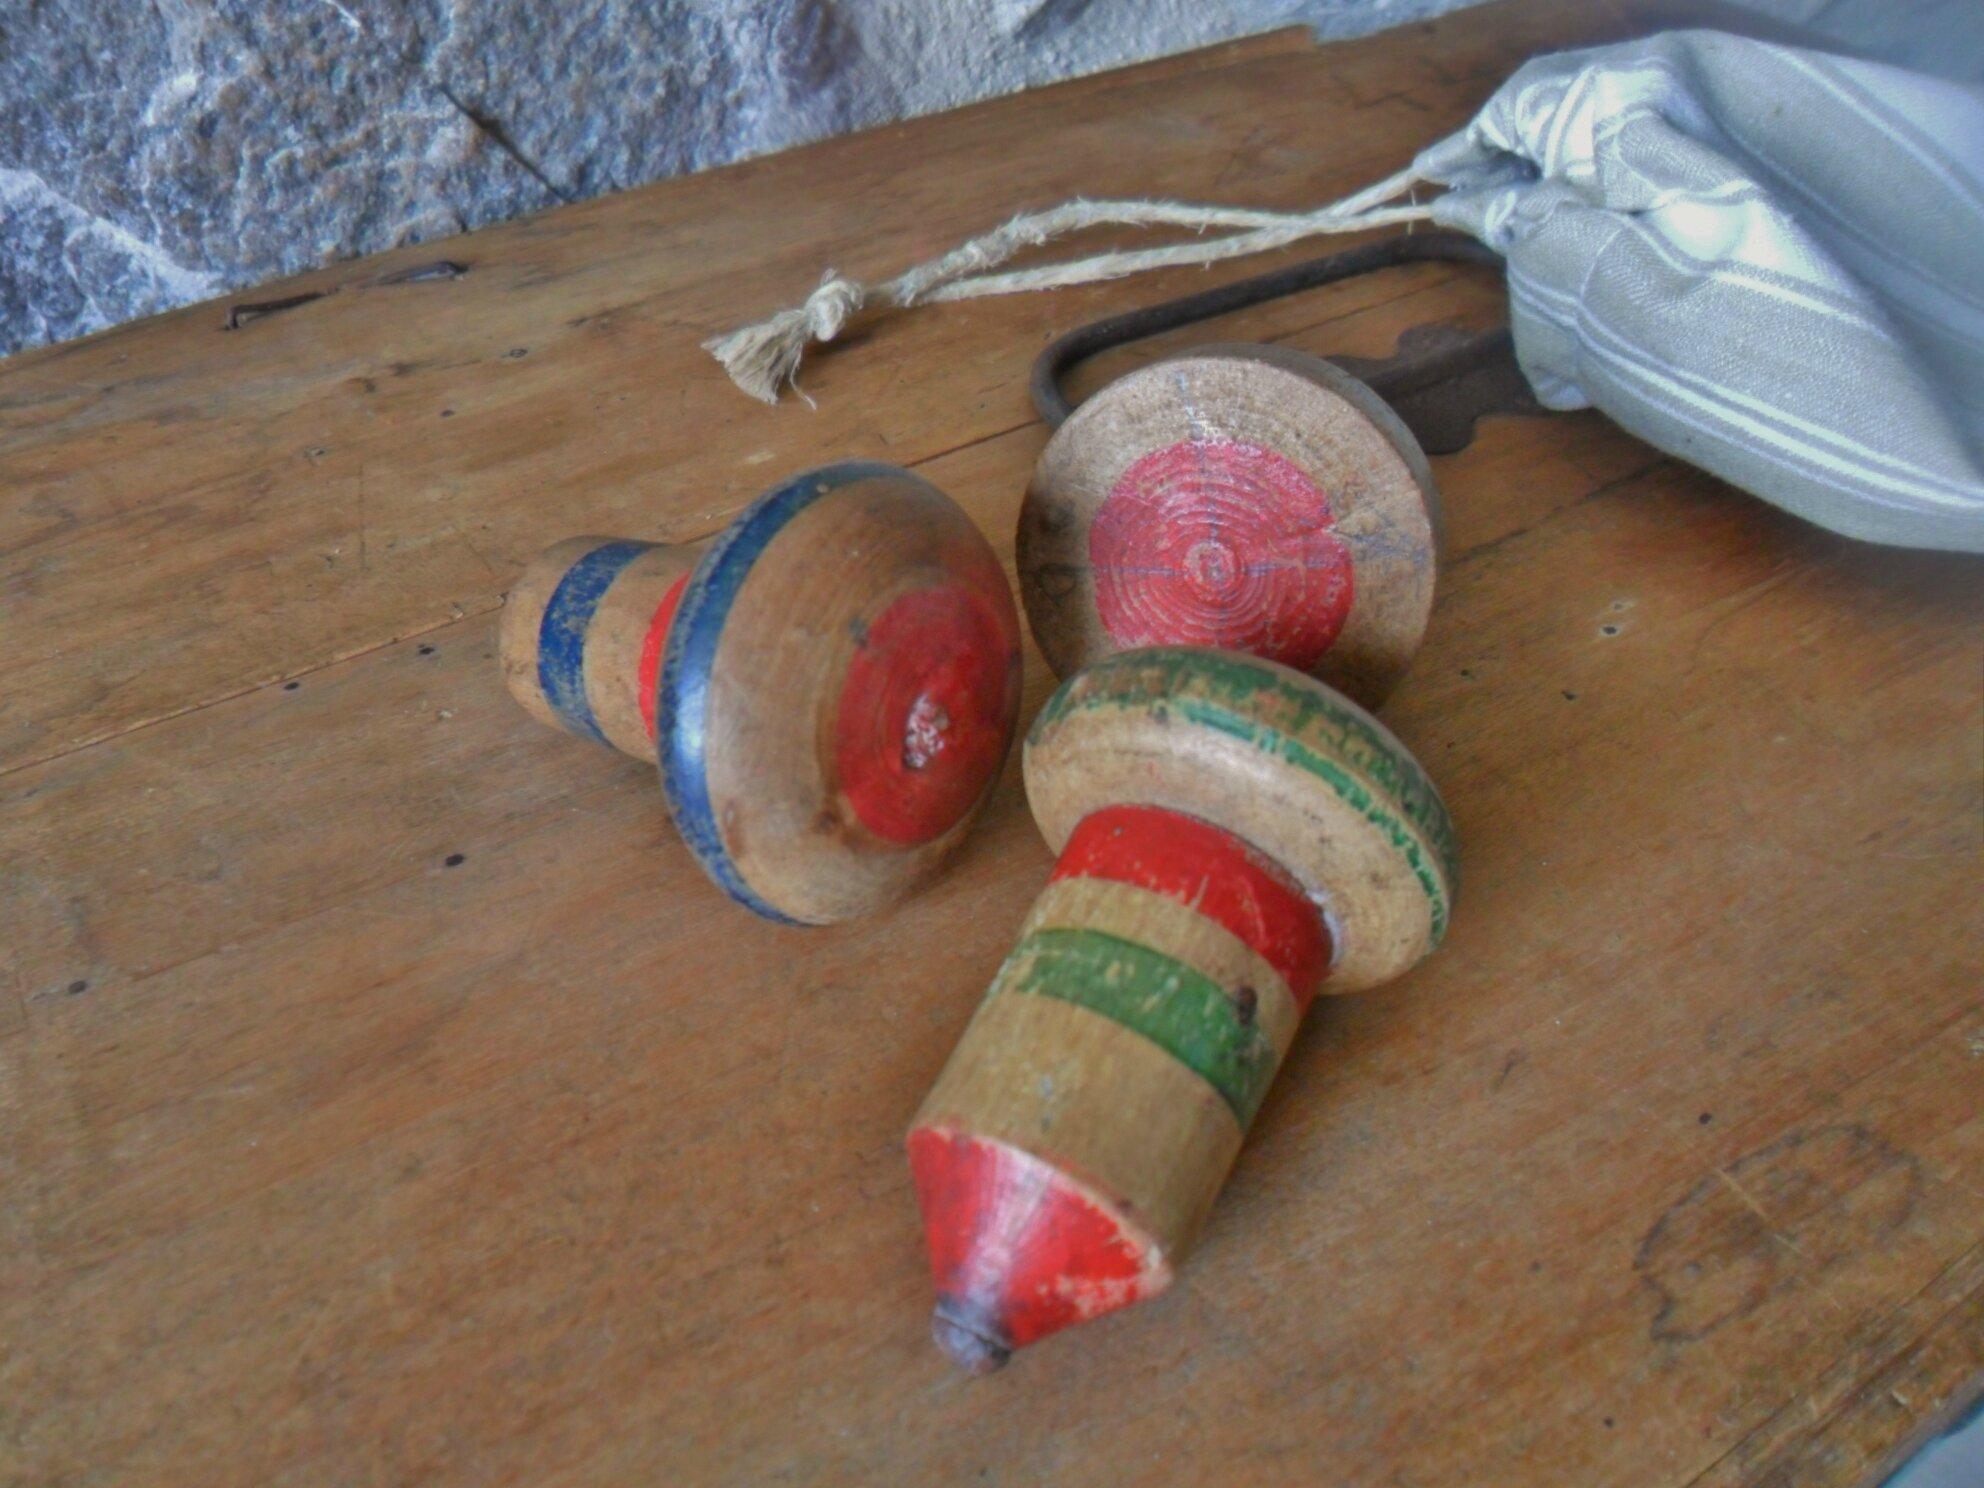 lot de 3 toupies anciennes en bois peintes, vendues avec leur sac en toile à matelas ancienne, port offert, 25€